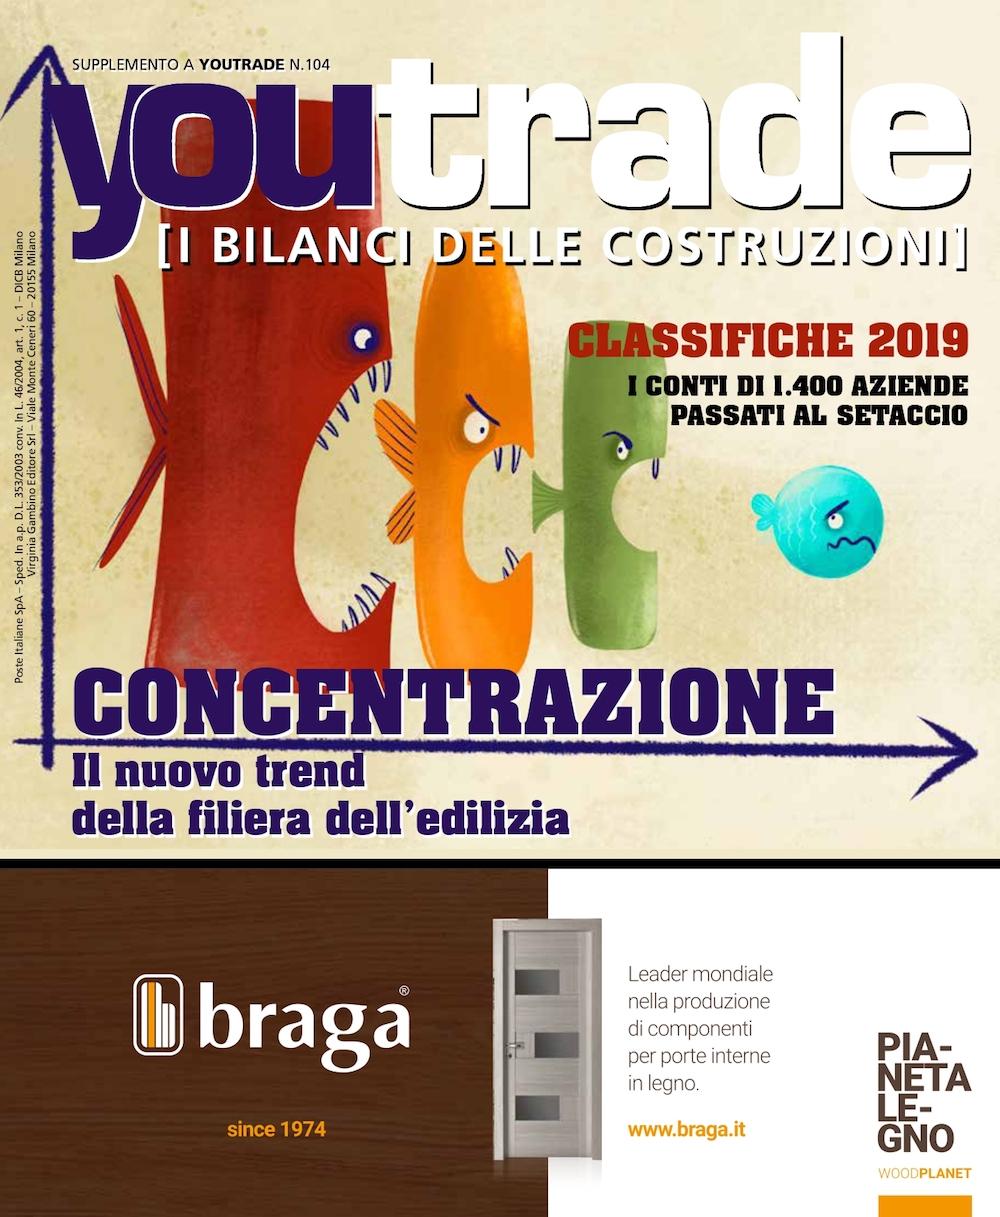 I Bilanci delle Costruzioni 2019 youtrade